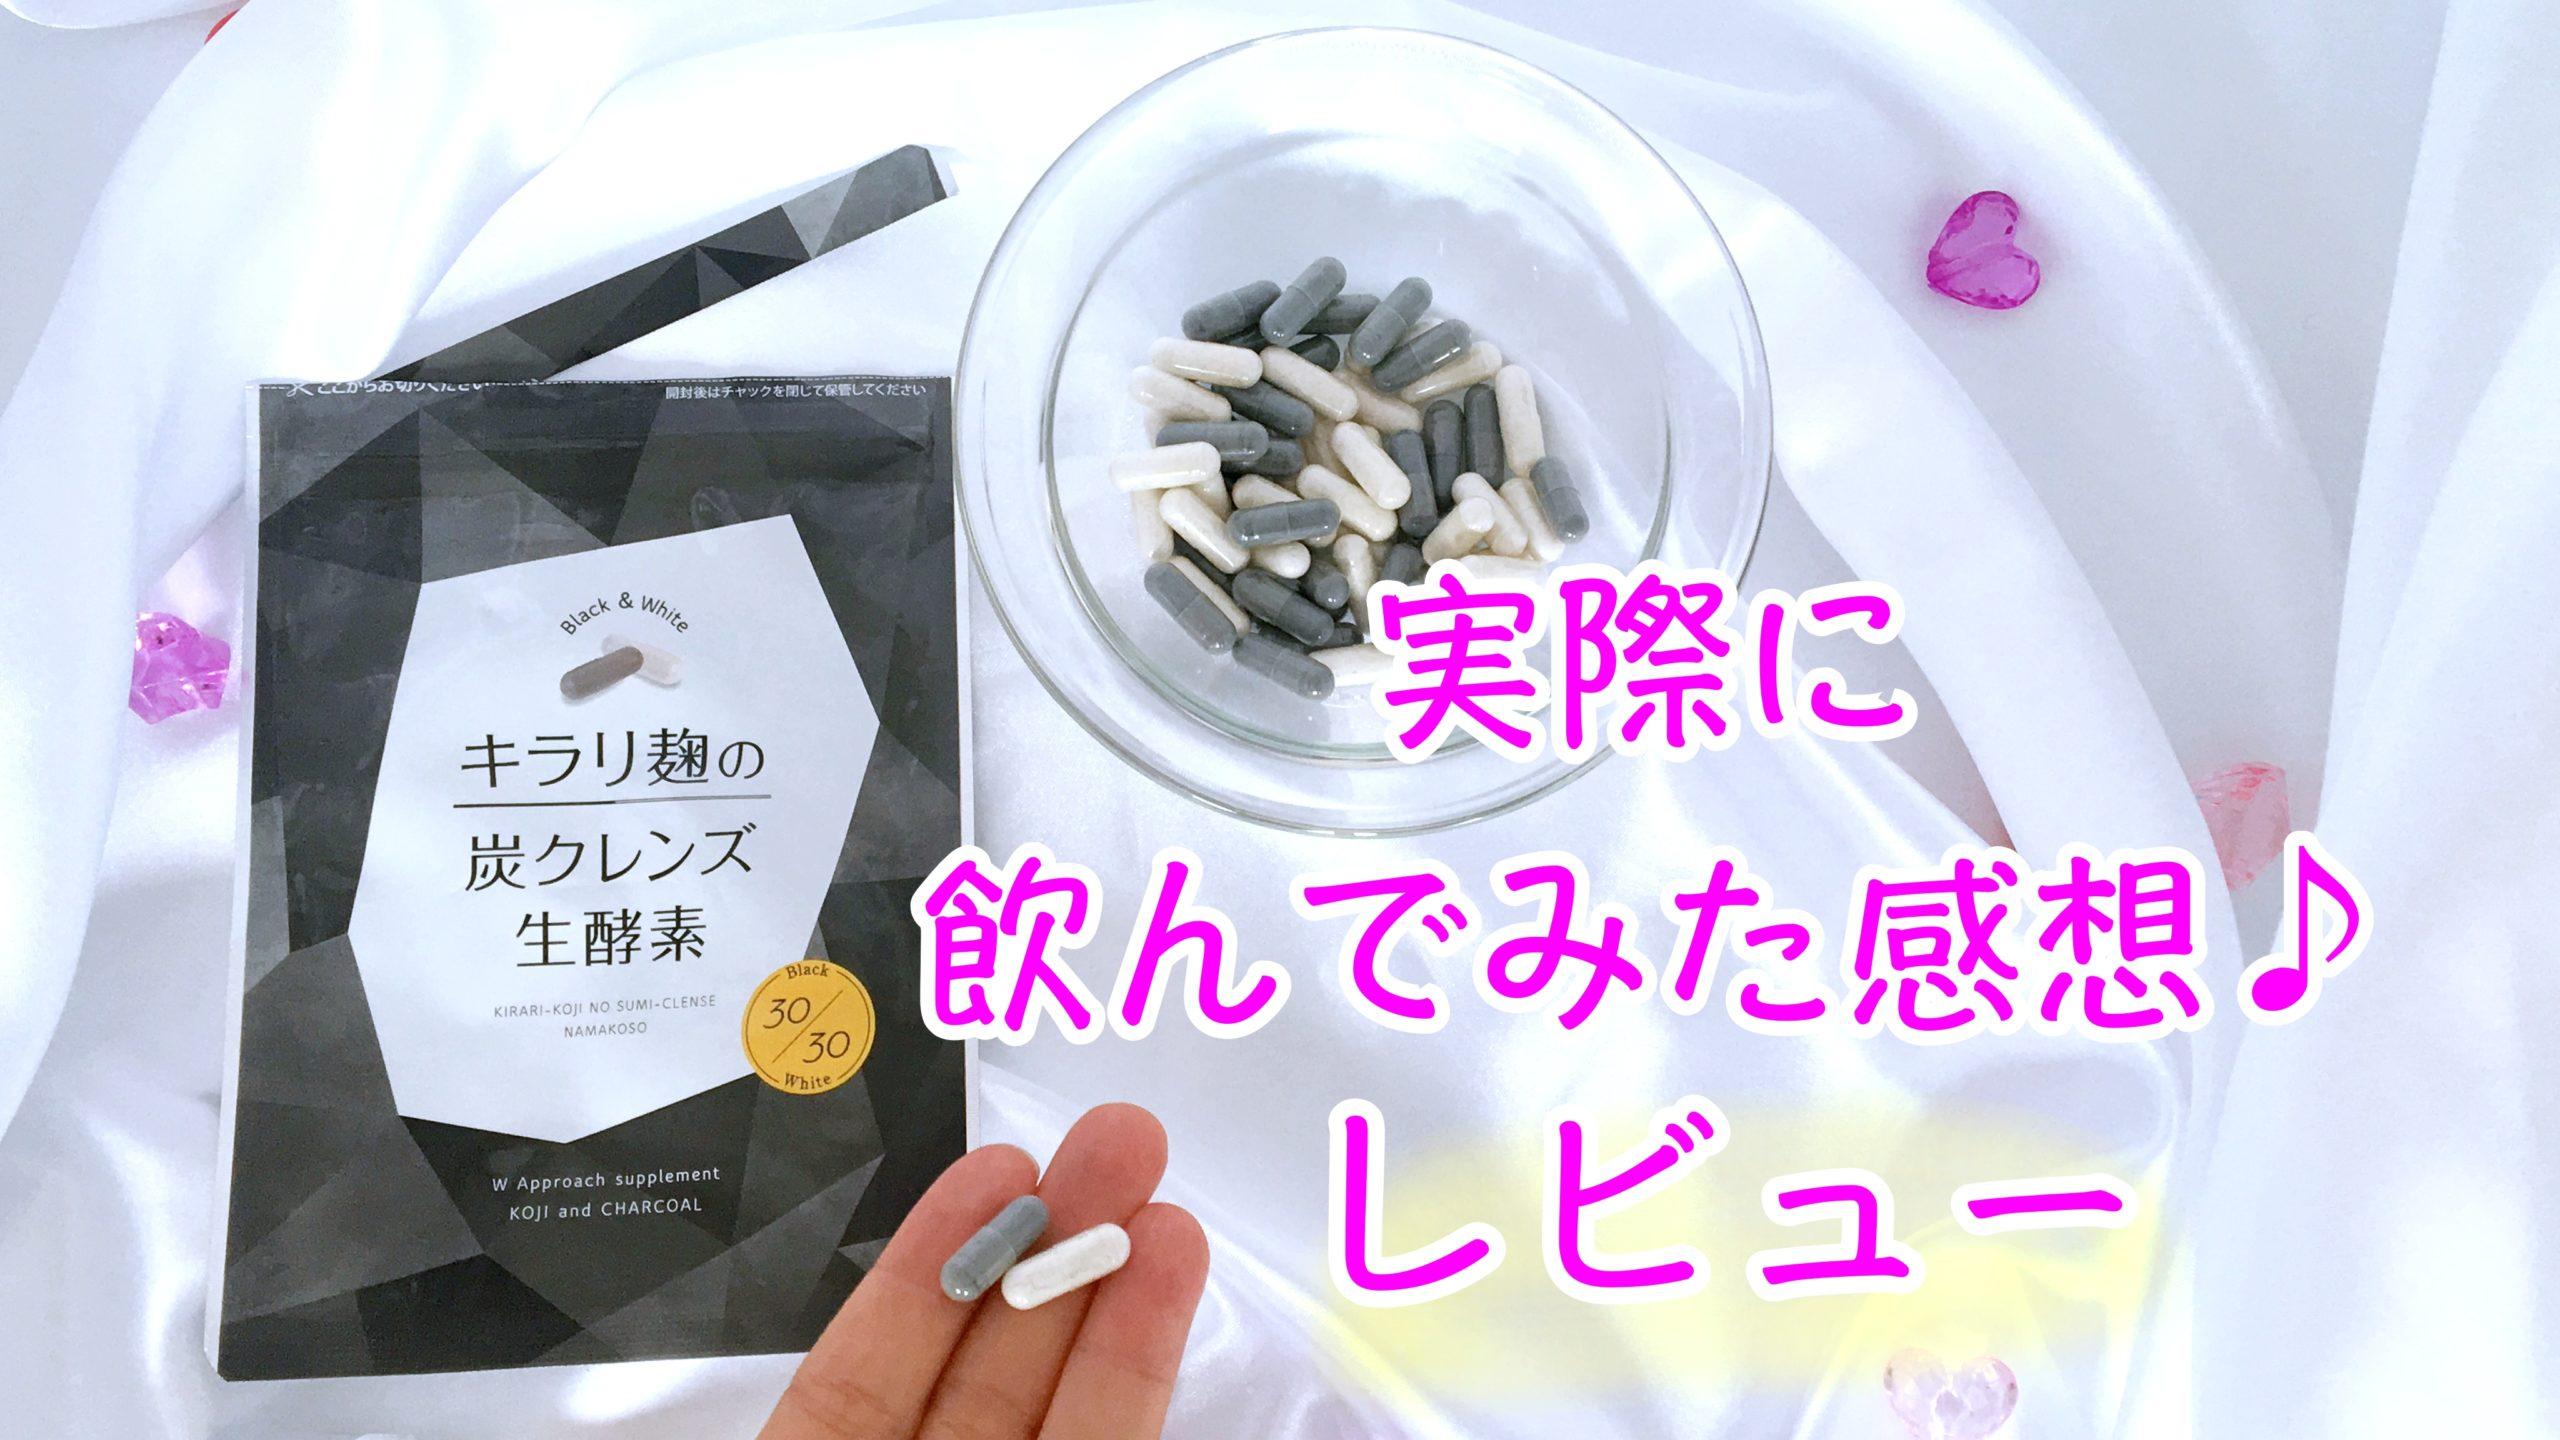 キラリ麹の炭クレンズ 効果